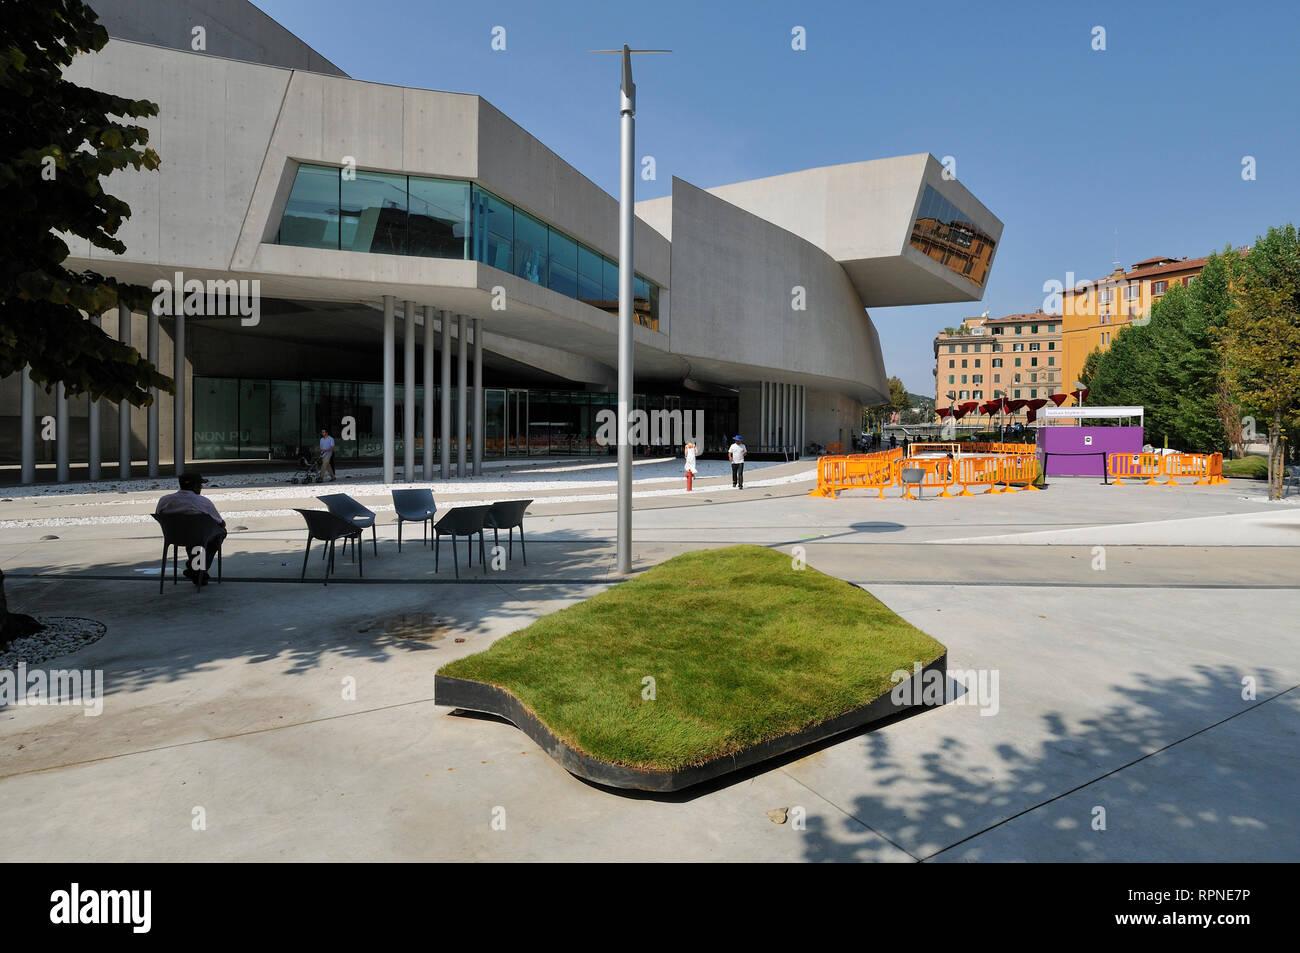 Roma. L'Italia. Il MAXXI Museo Nazionale della arti del XXI secolo (Museo nazionale delle arti del XXI secolo), progettato da Zaha Hadid, aperto 2010. Immagini Stock